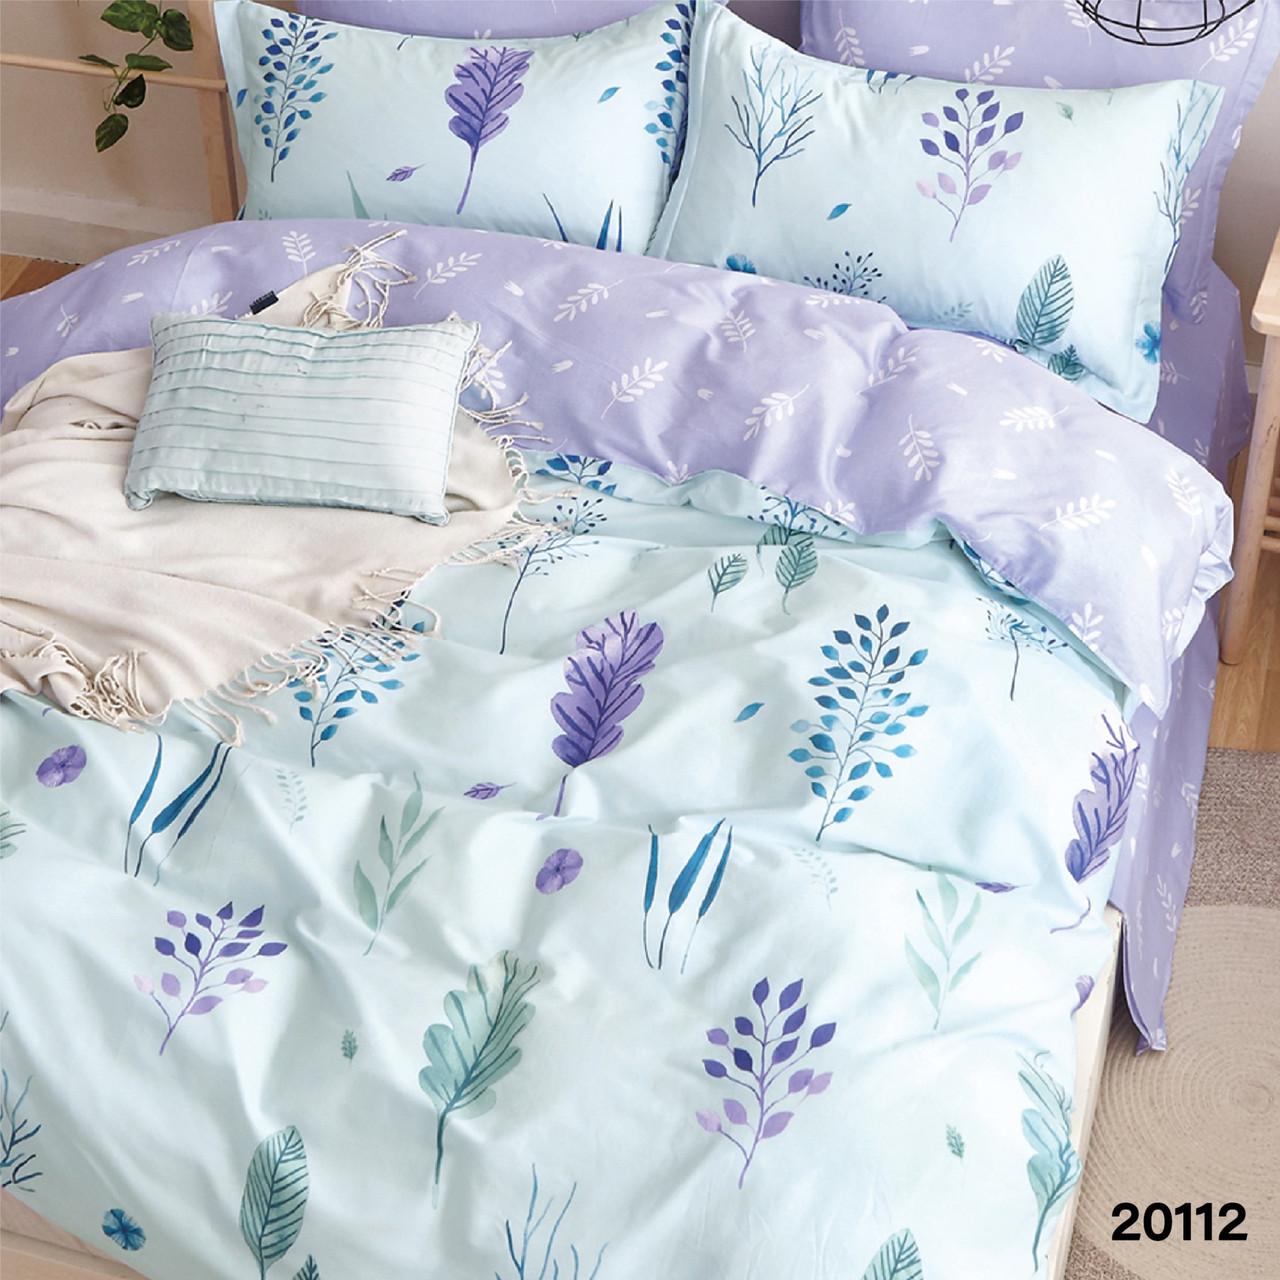 Комплект постельного белья Вилюта Евро ранфорс 20112